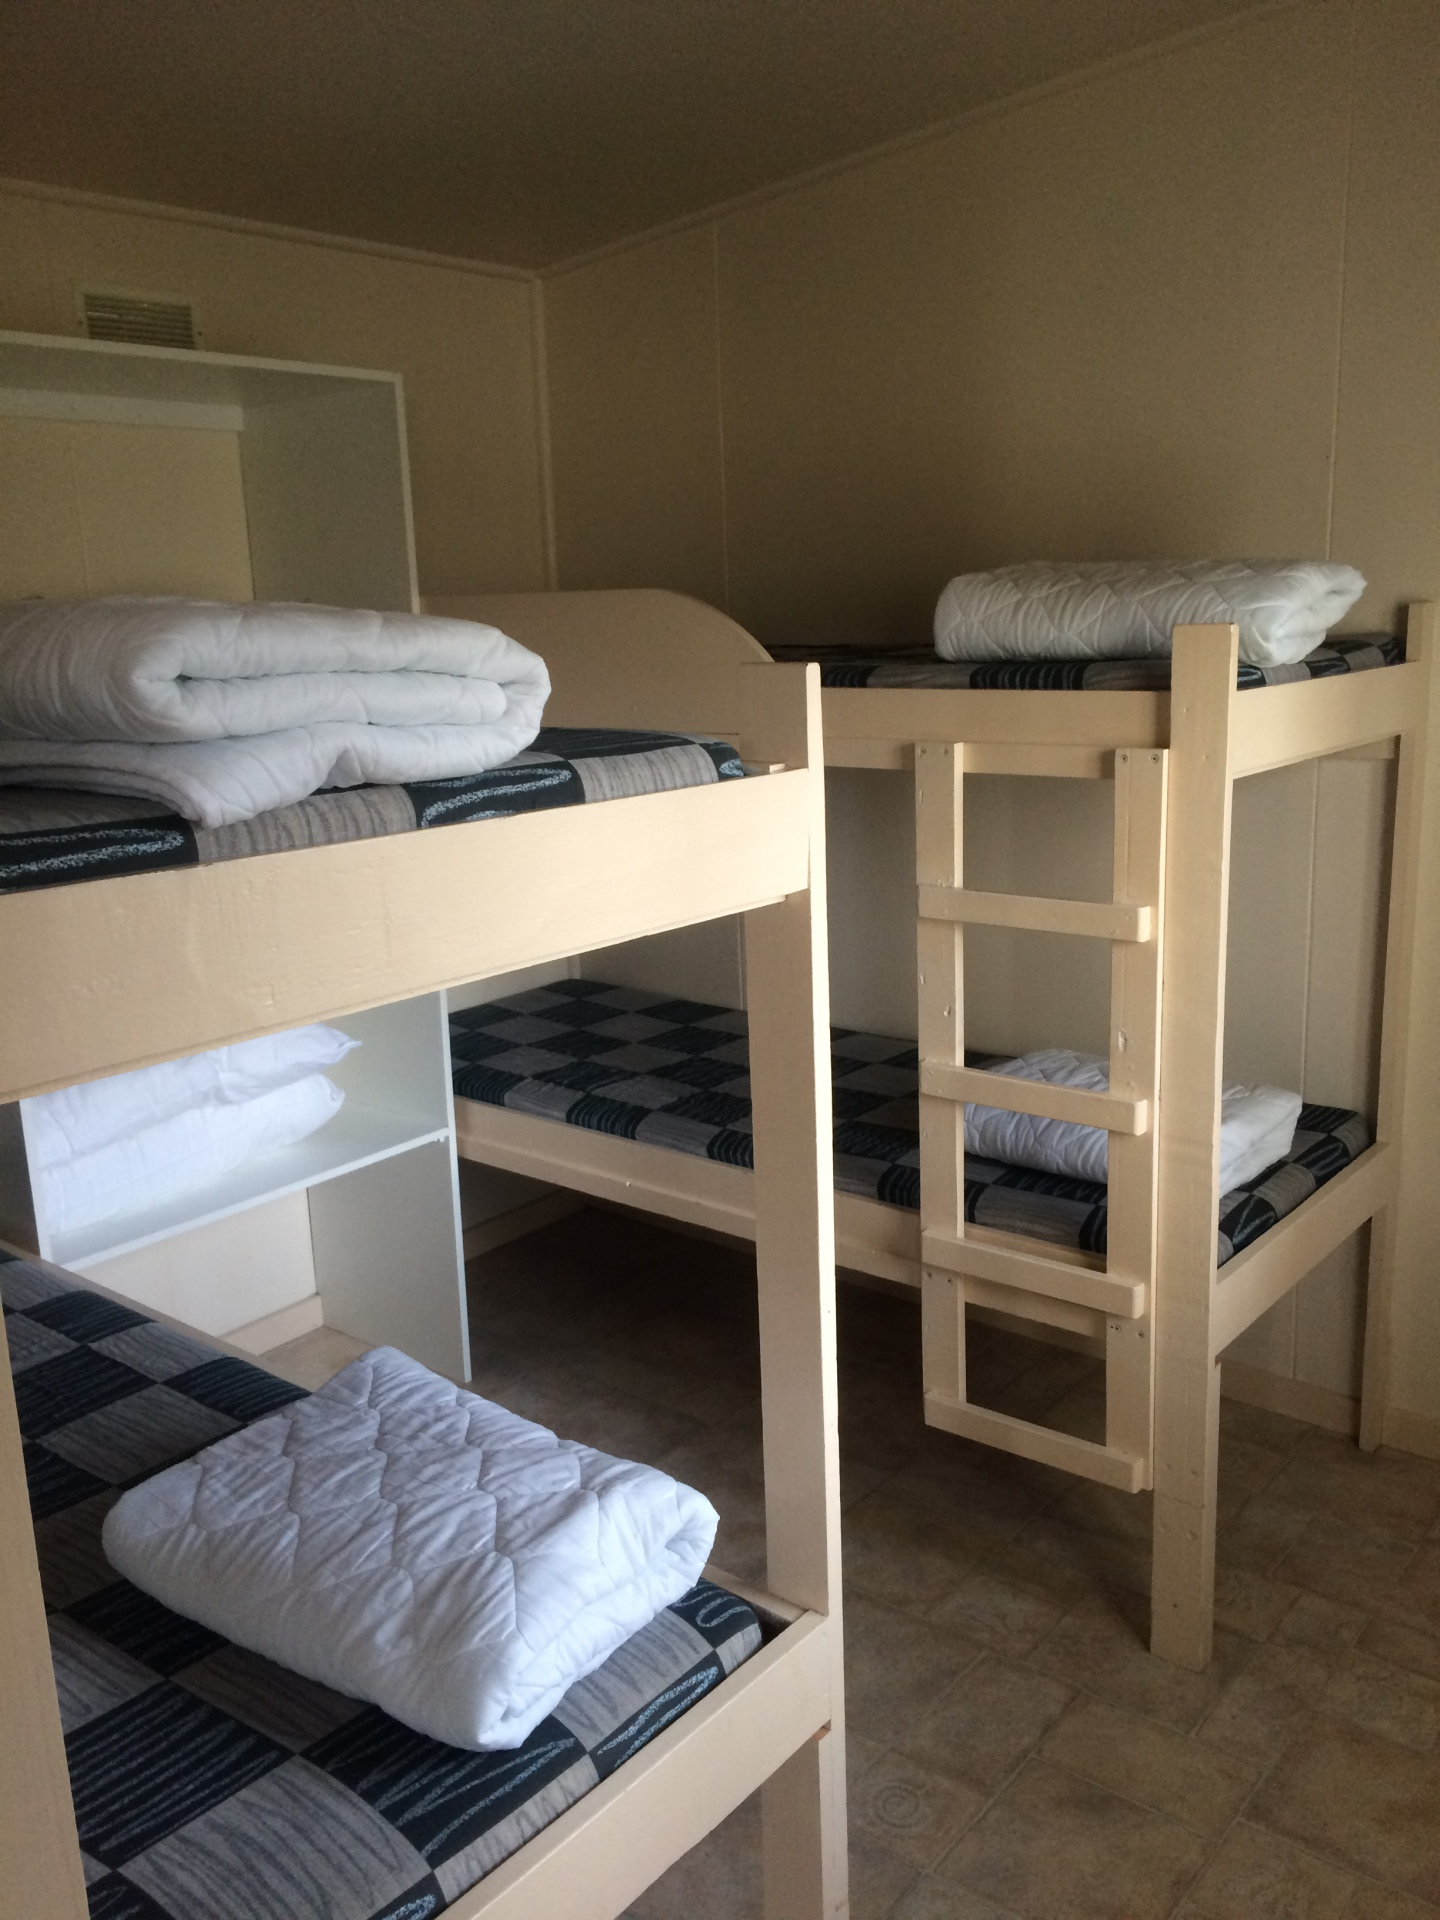 Accommodation; Port Sorell; Devonport